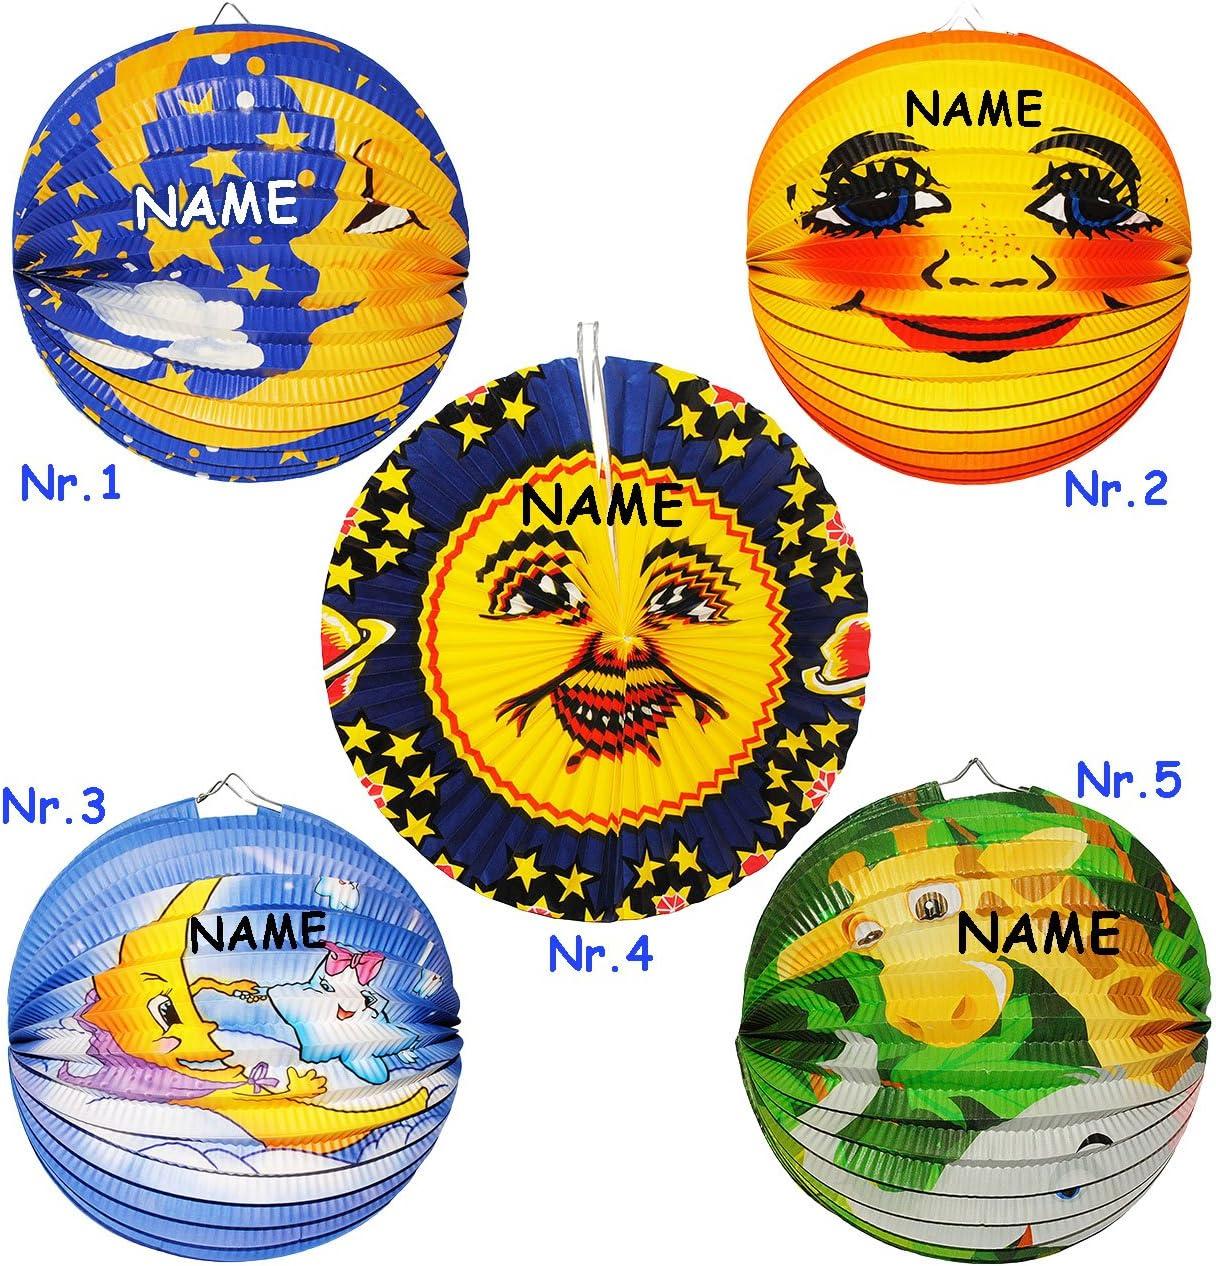 f/ür Laterne.. RUND incl Mond /& Sterne Laternen Lampions Name aus Papier alles-meine.de GmbH Lampion // Laterne Figuren f/ür Kinder Papierlaterne M/ädchen Jungen